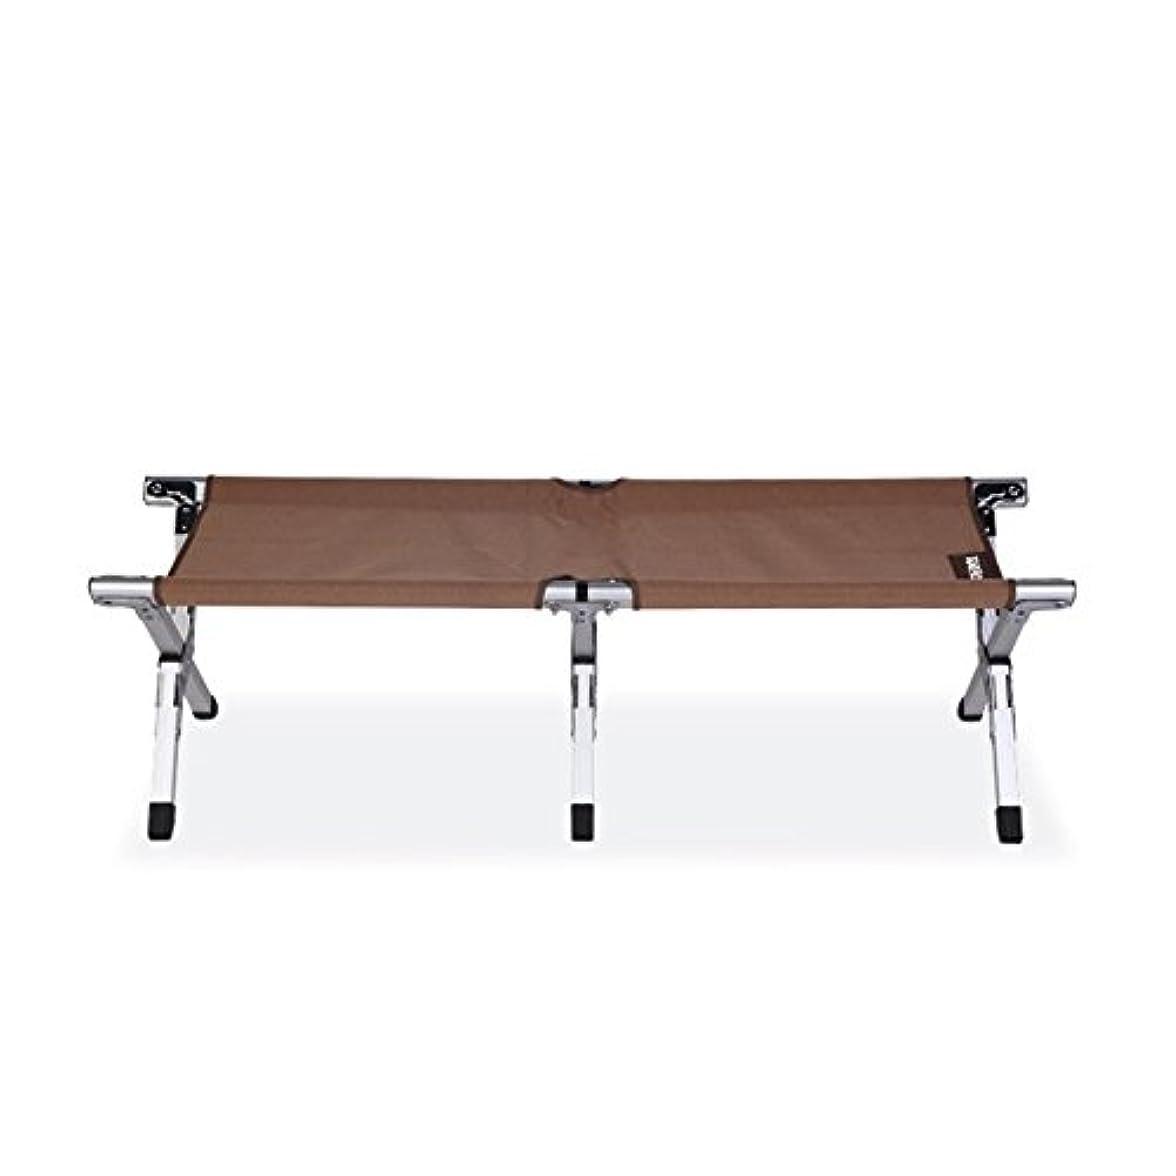 傷つける構成する準備した屋外の余暇の椅子のスツールの倍のカップルチェアアルミニウム折る腰掛けの屋外の折る椅子の椅子、折る設計 アウトドア キャンプ用